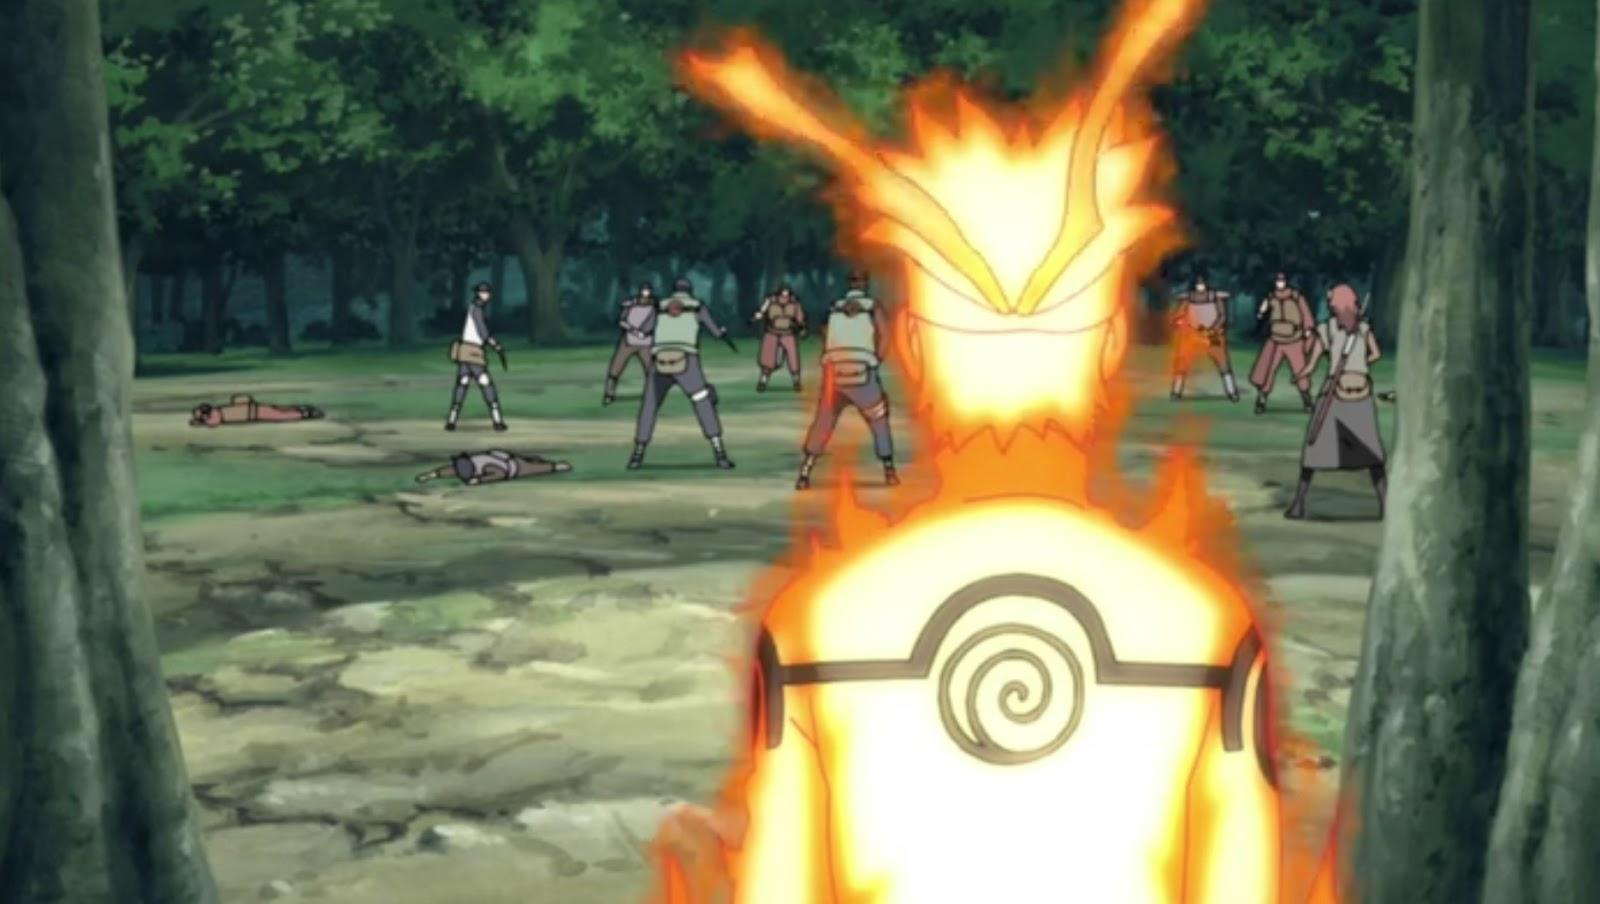 Naruto Shippuden Episódio 309, Assistir Naruto Shippuden Episódio 309, Assistir Naruto Shippuden Todos os Episódios Legendado, Naruto Shippuden episódio 309,HD